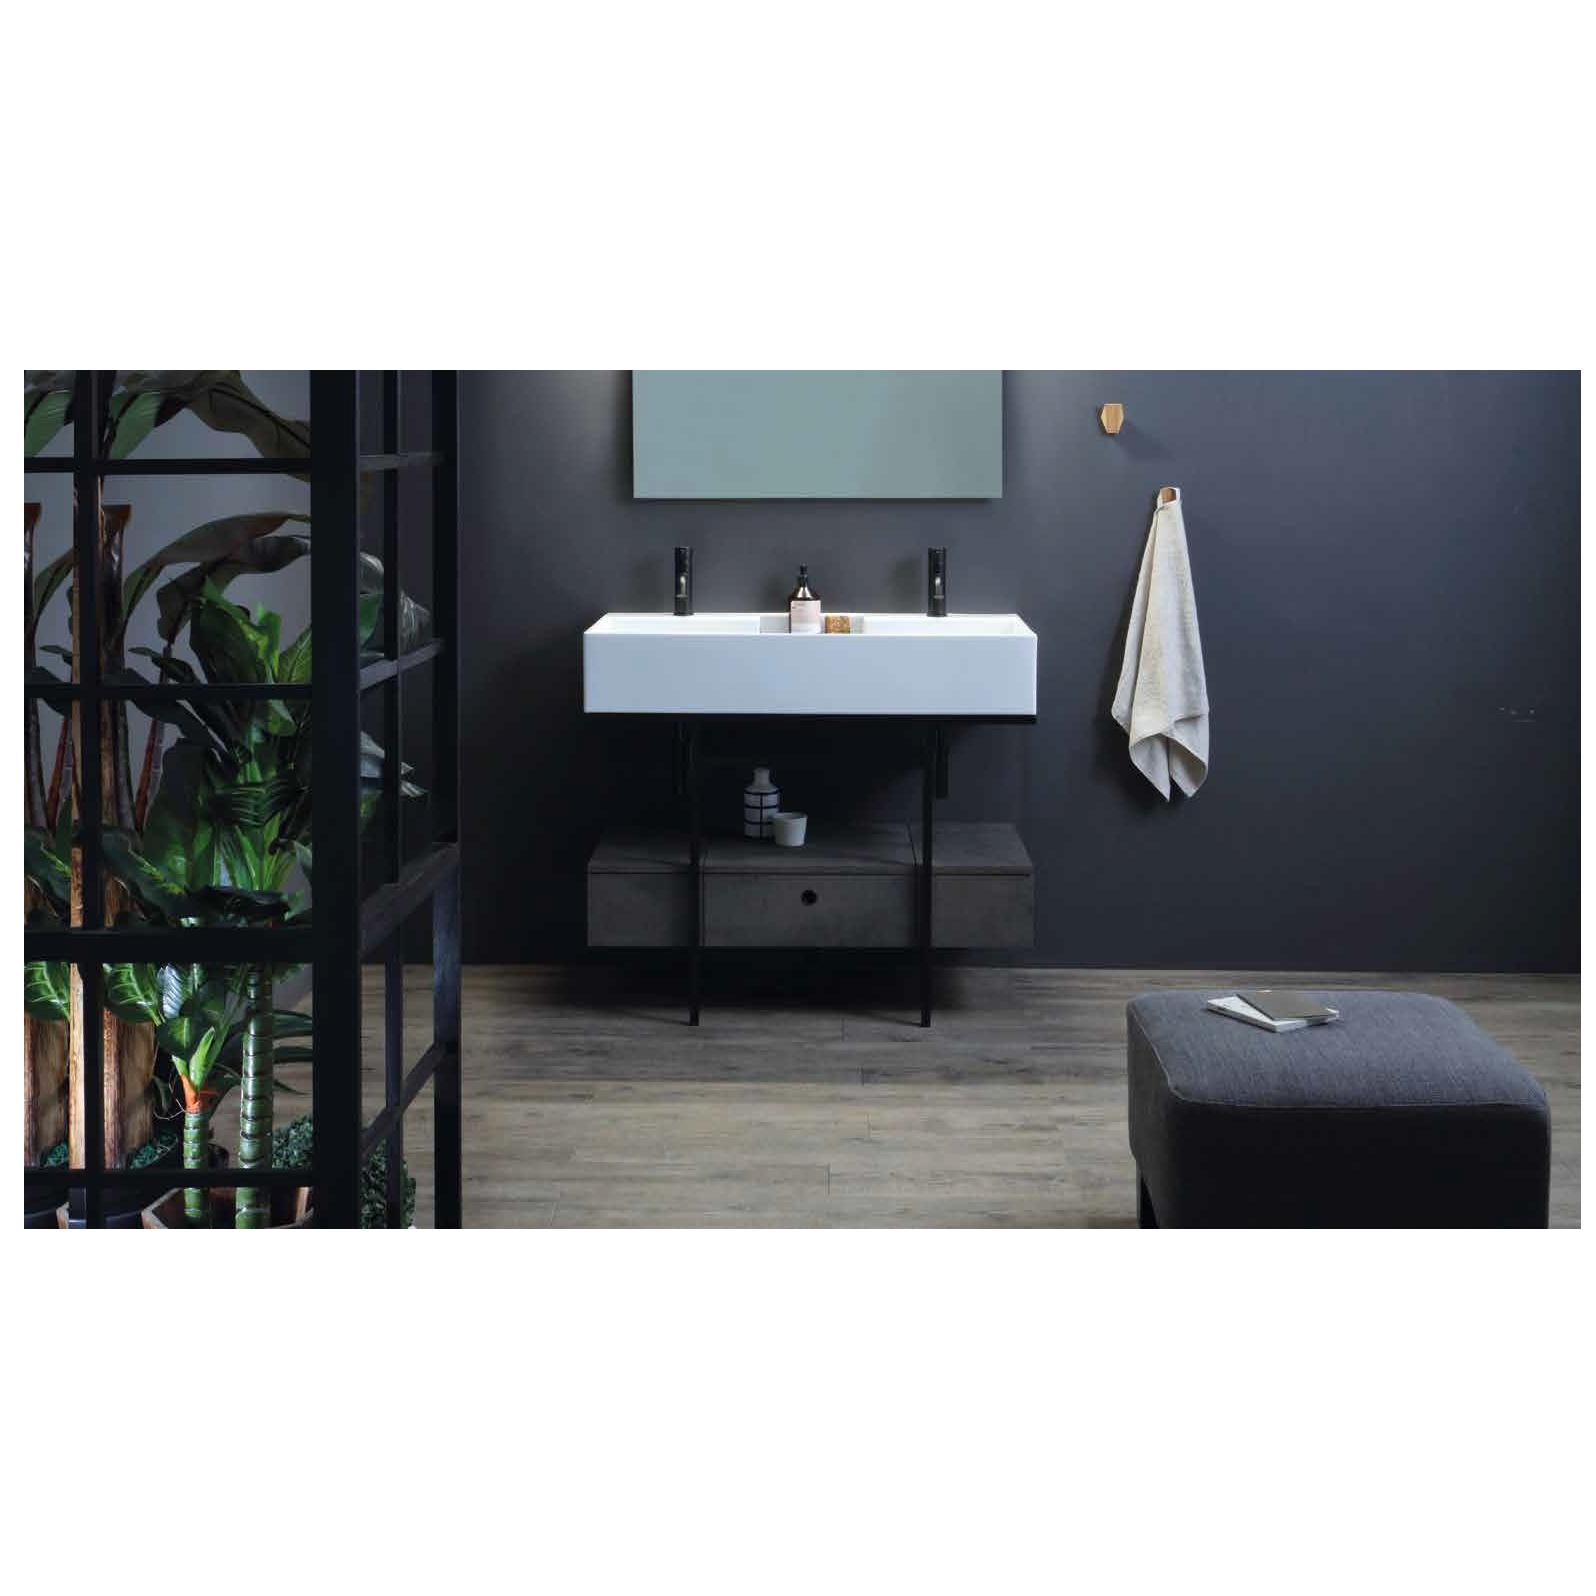 Structure porte-lavabo avec tiroir cm 100x50xH70 Quadrello